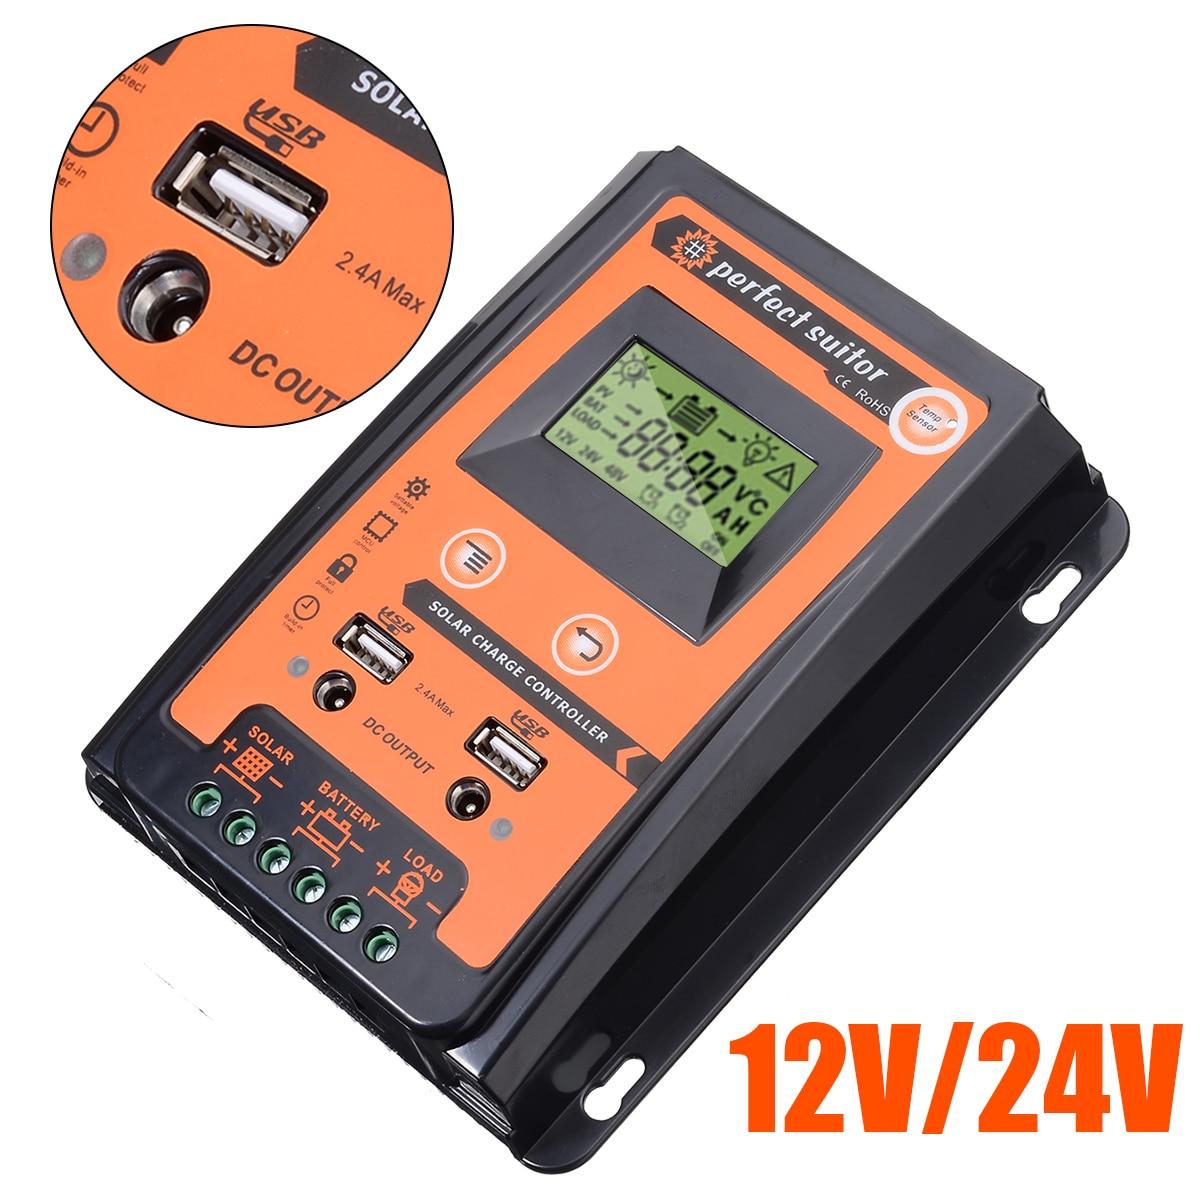 12 V/24 V 30A MPPT Solar Display LCD Painel Solar Battery Regulador Controlador de Carga Dupla USB